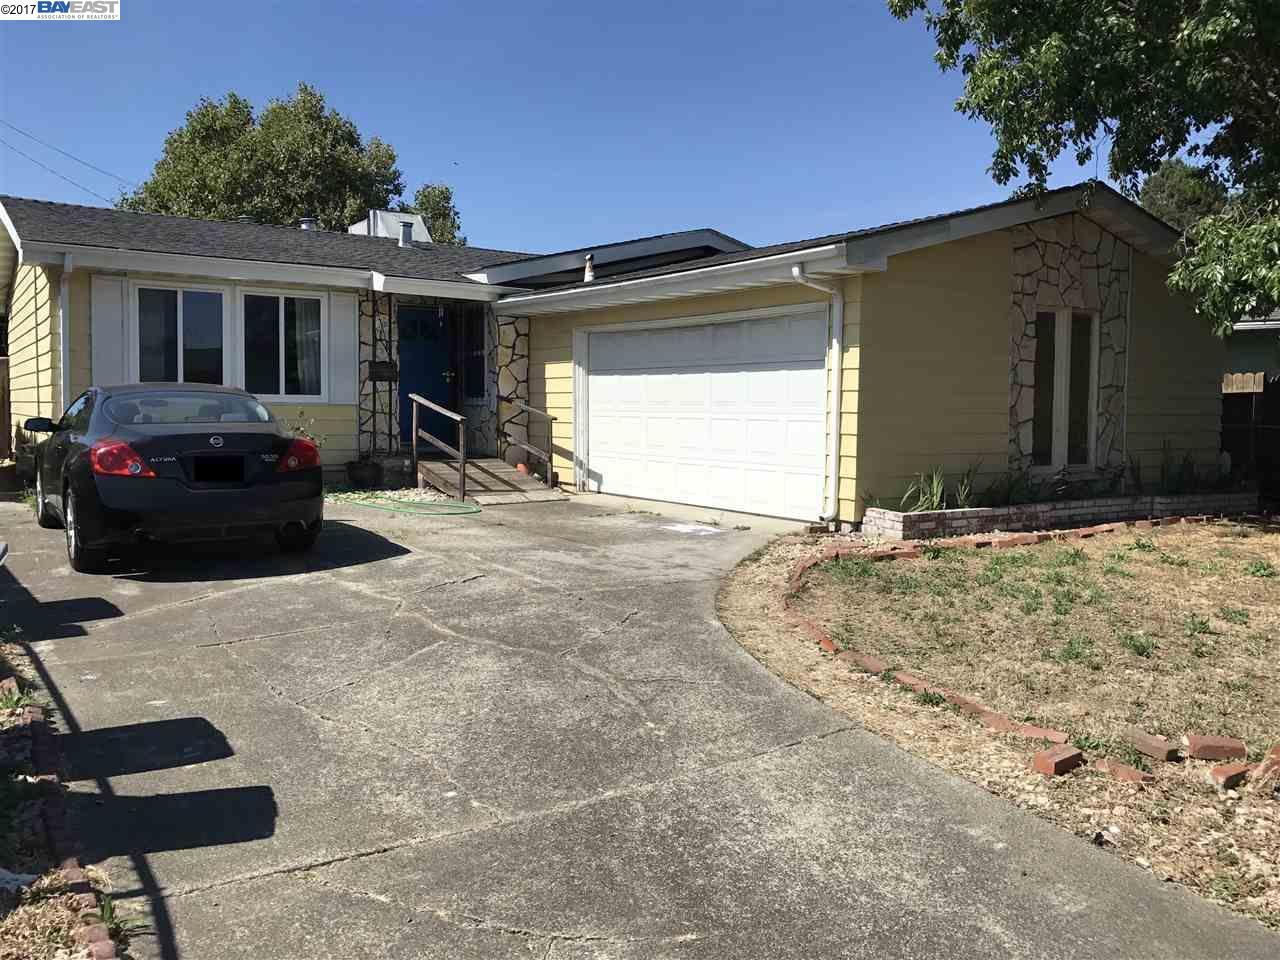 406 Taper Ave, VALLEJO, CA 94589